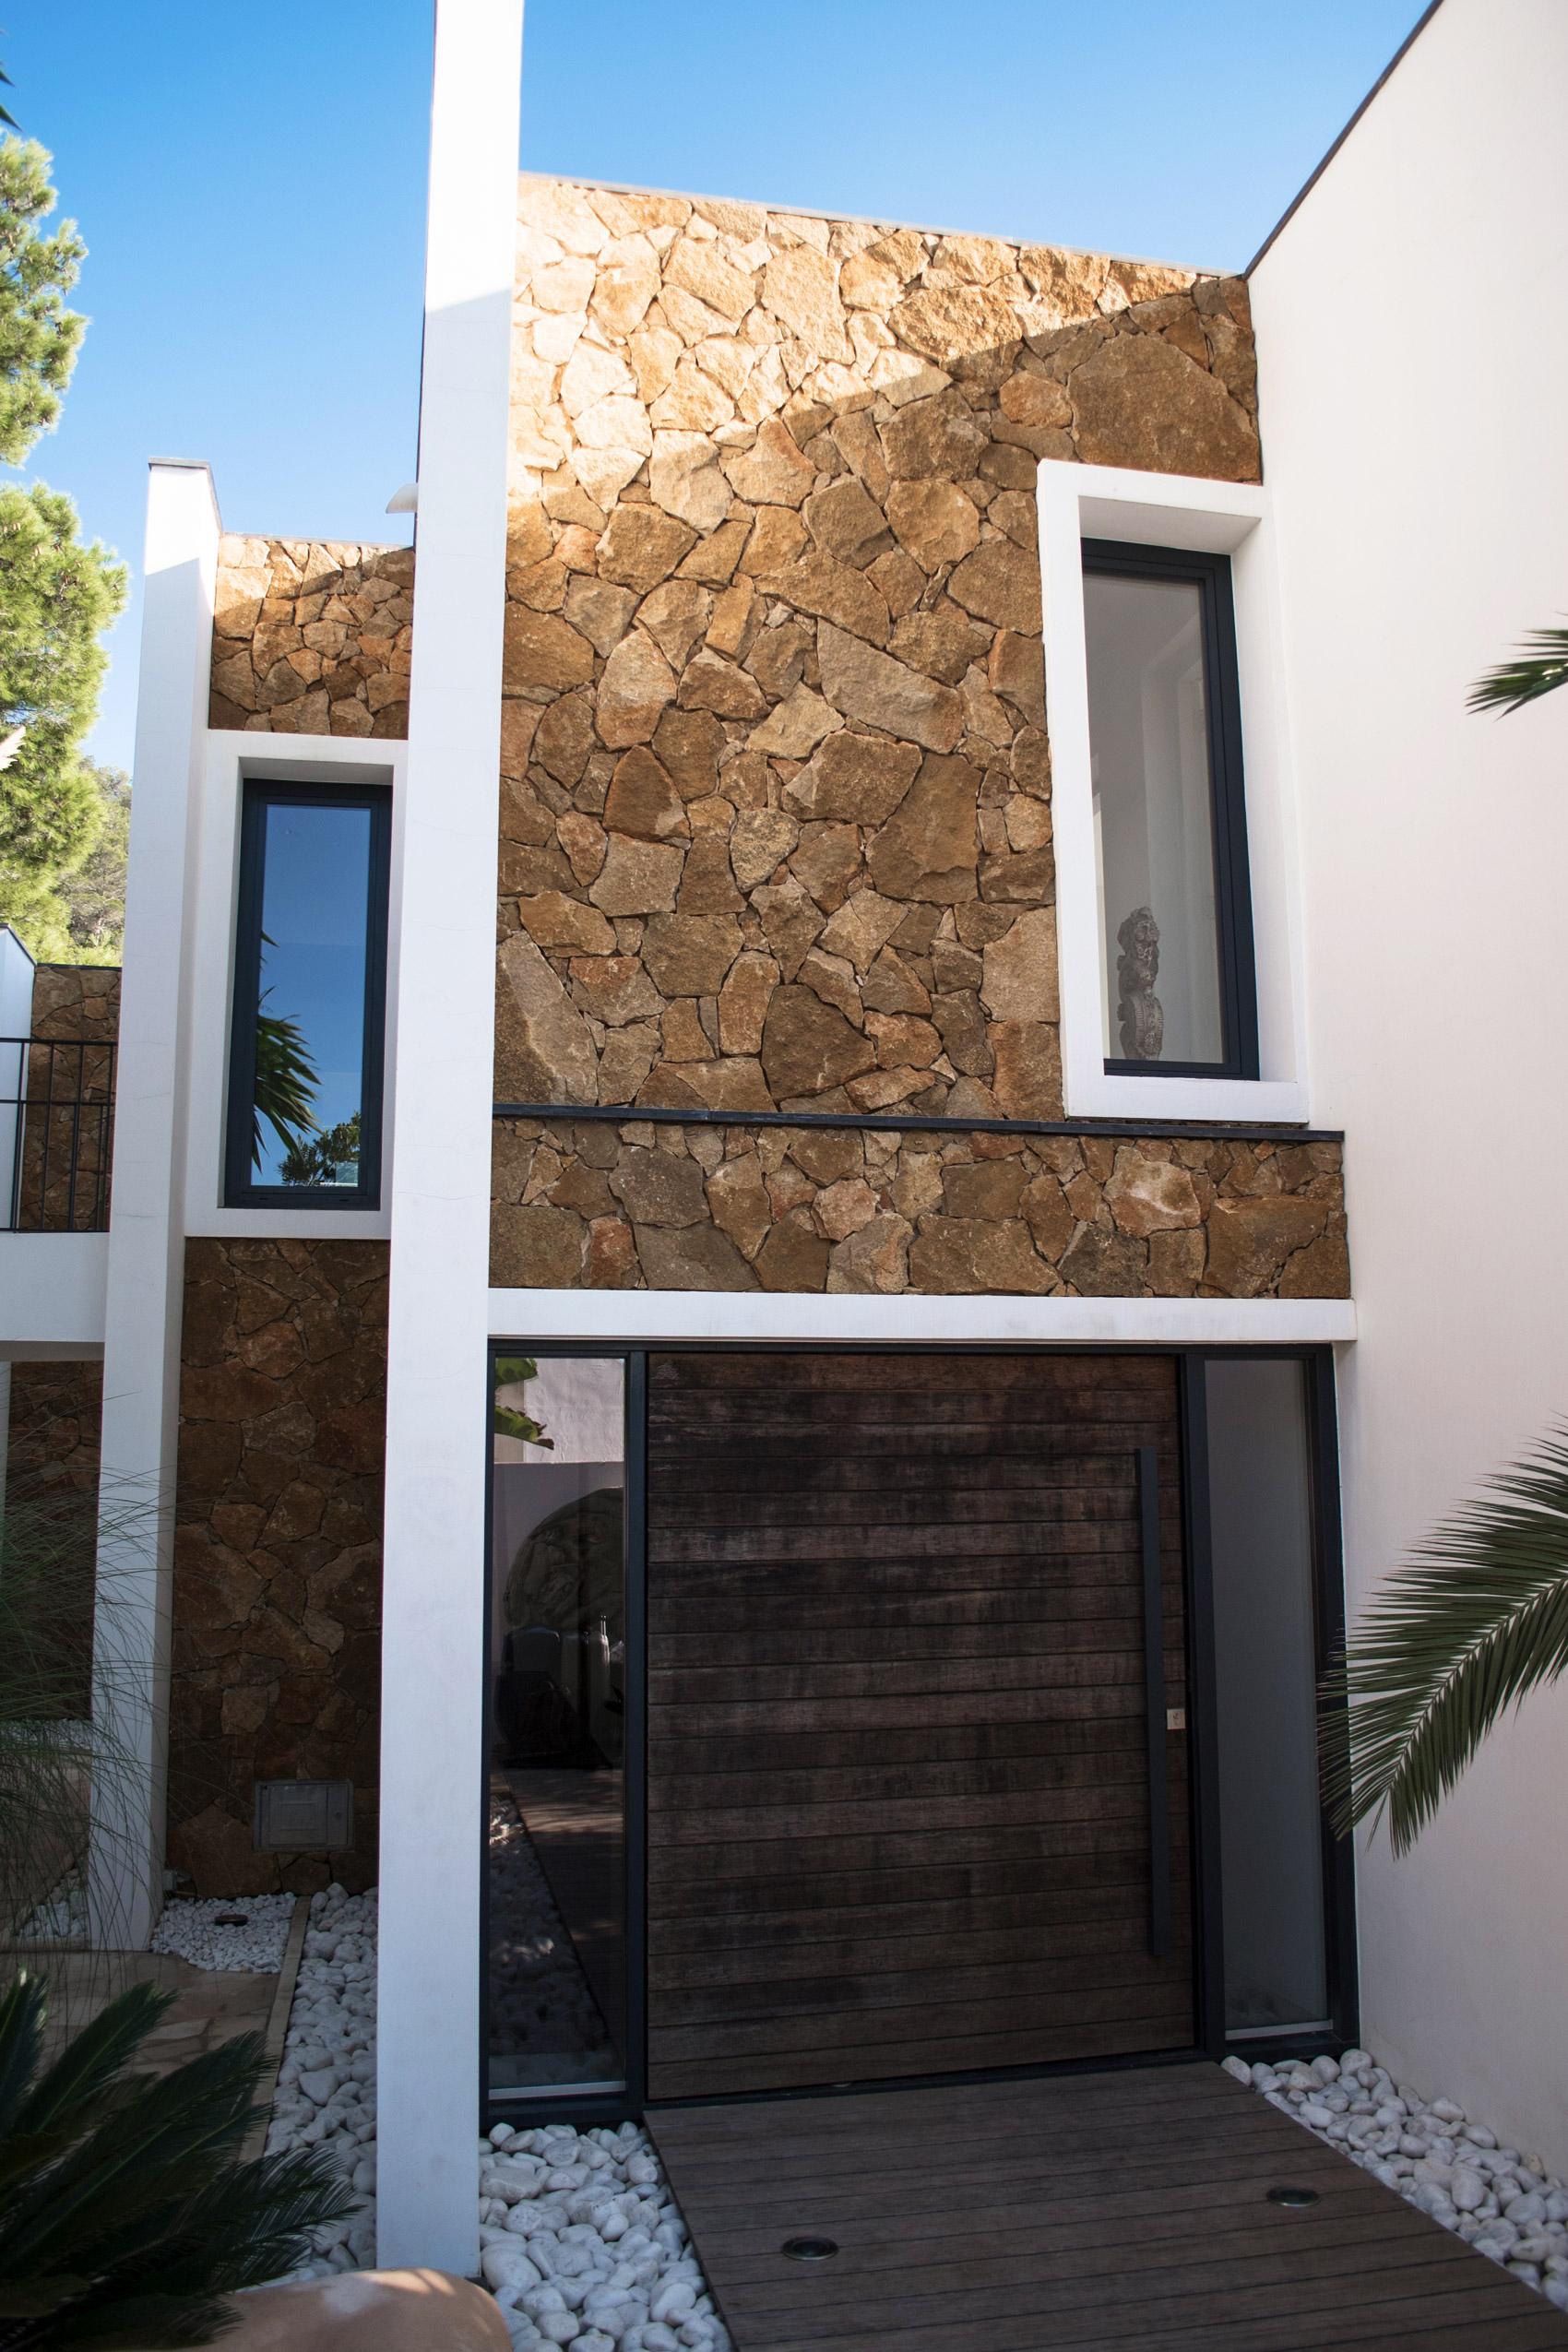 ferienhaus-auf-ibiza-mit-freistehender-bandewanne-fashiioncarpet